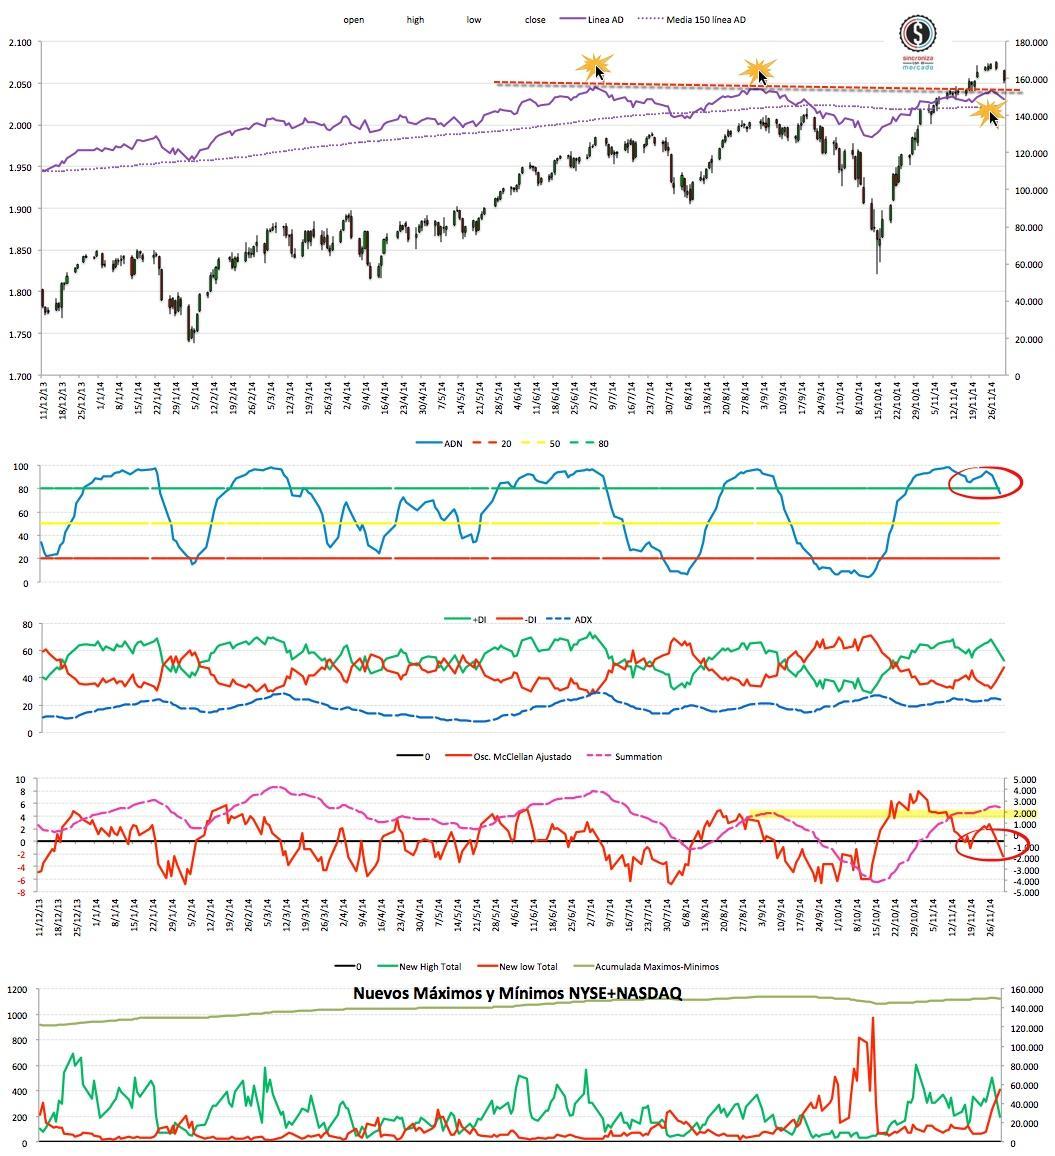 2014-12-02_22-48-30 market timing eeuu